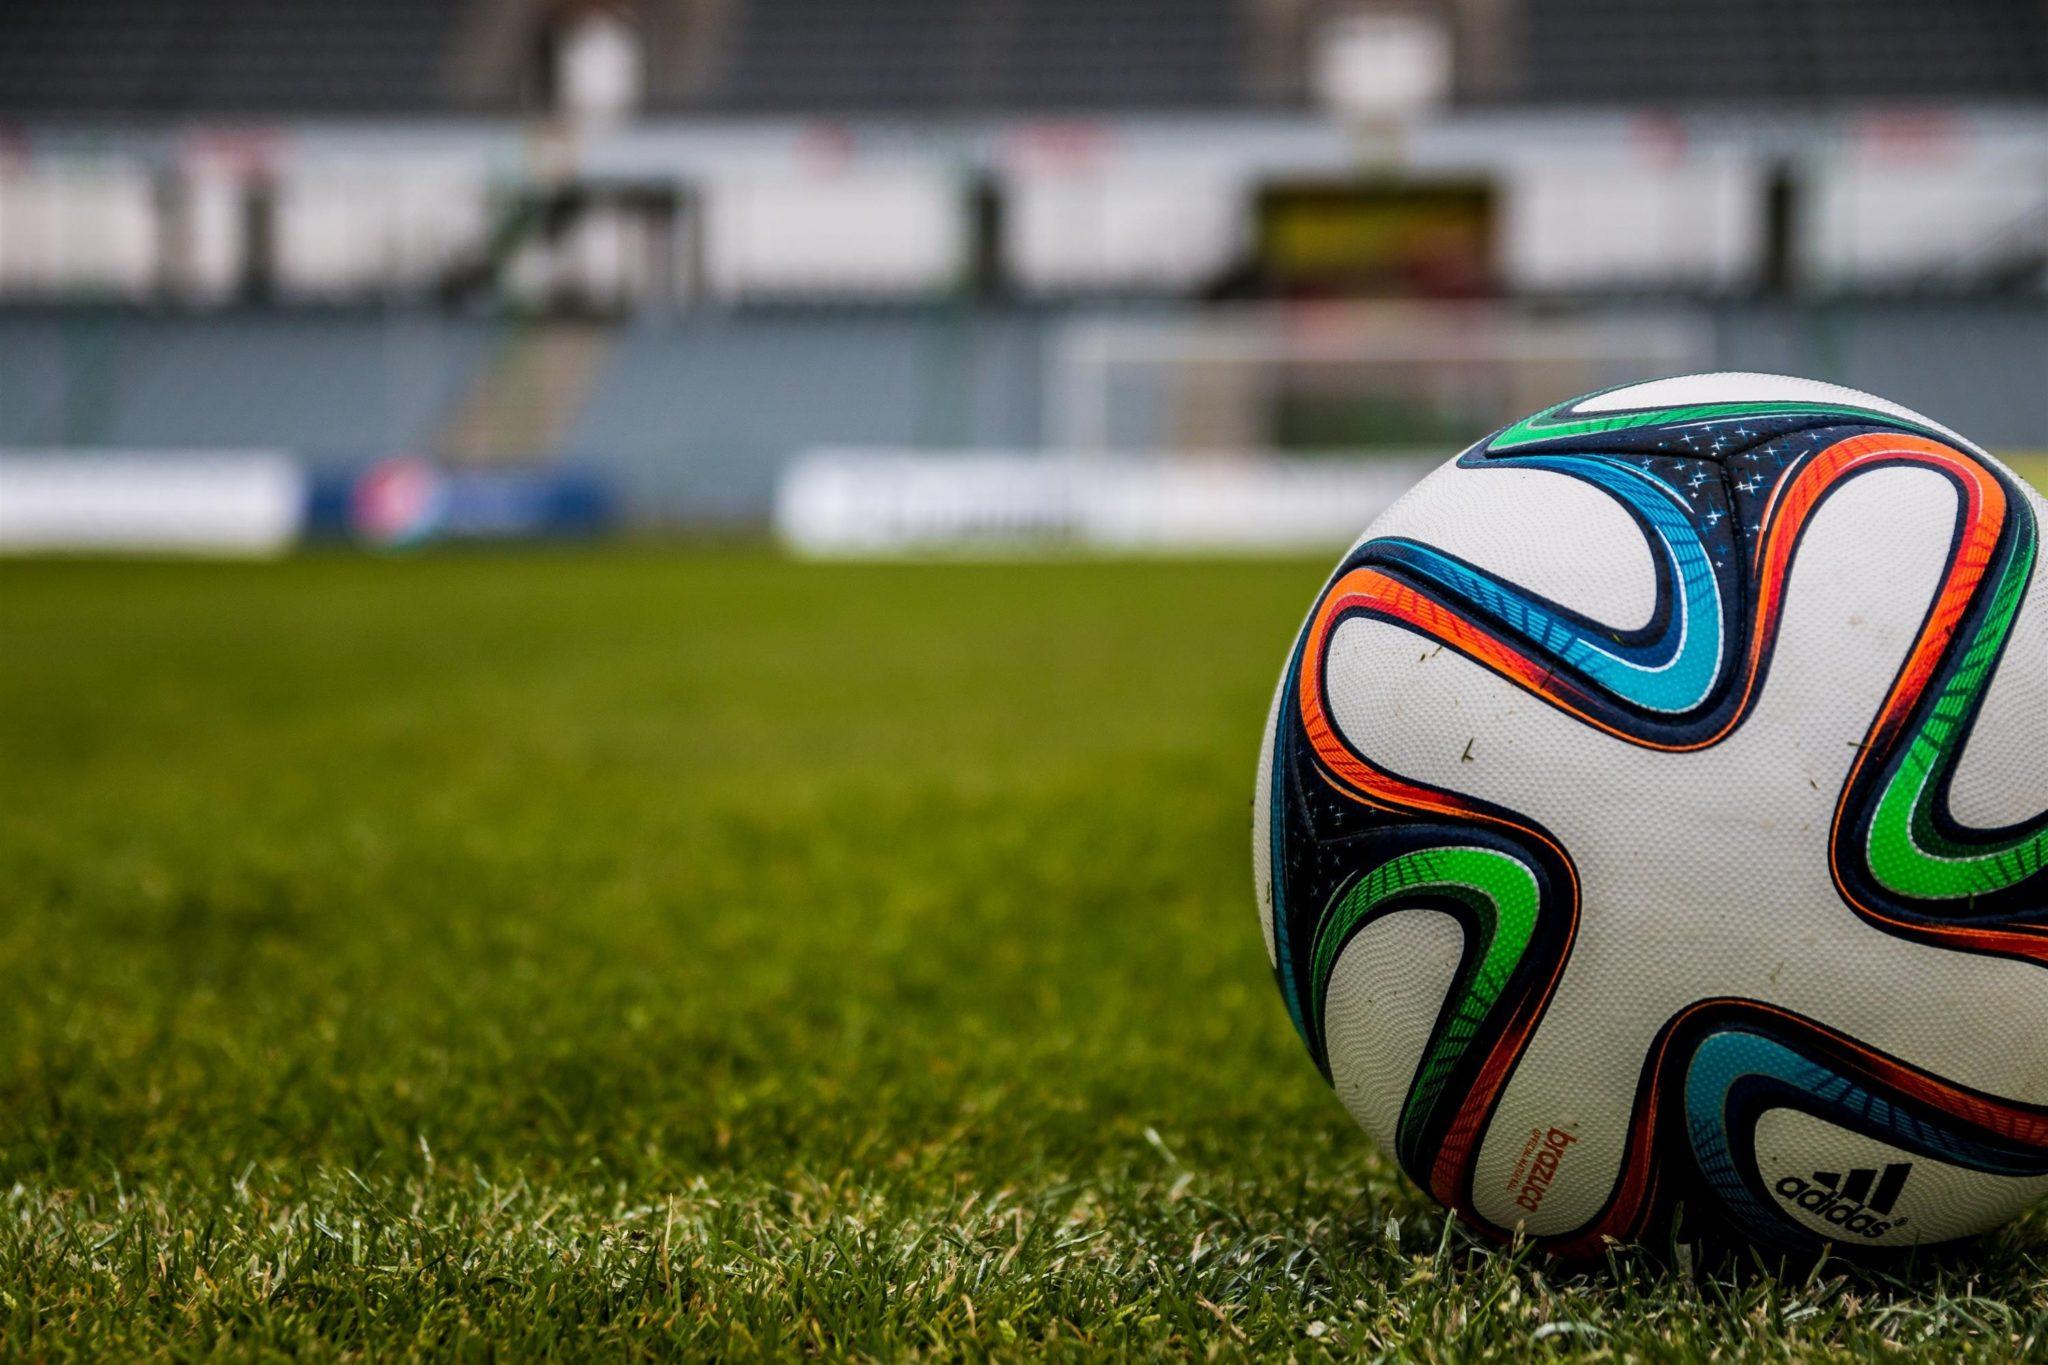 Futbol i llengua: barreres que s'han de superar